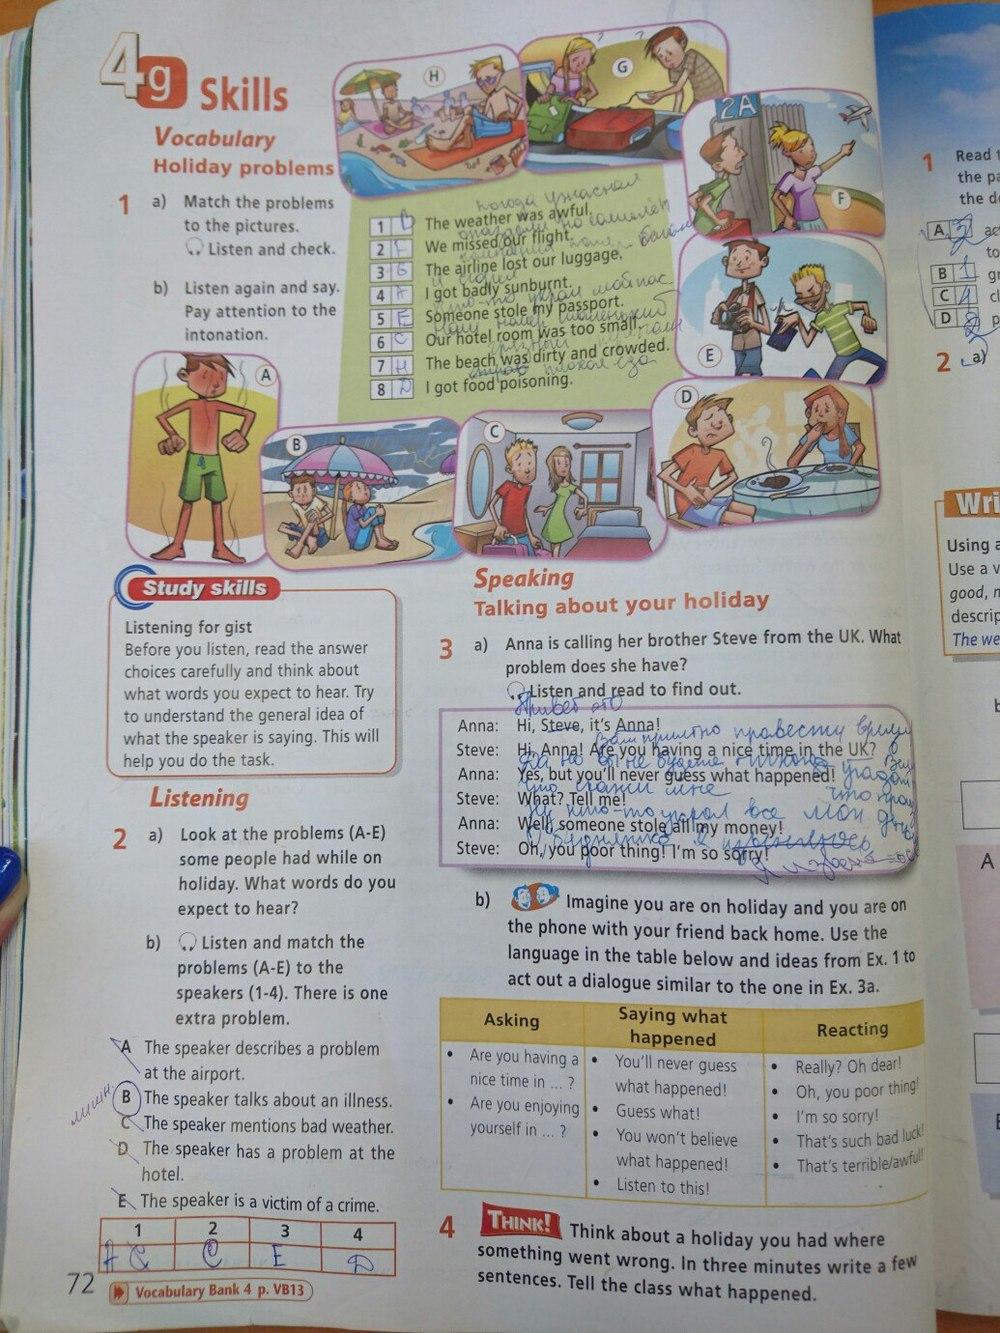 Готовые домашние задания по английскому языку 6 класса